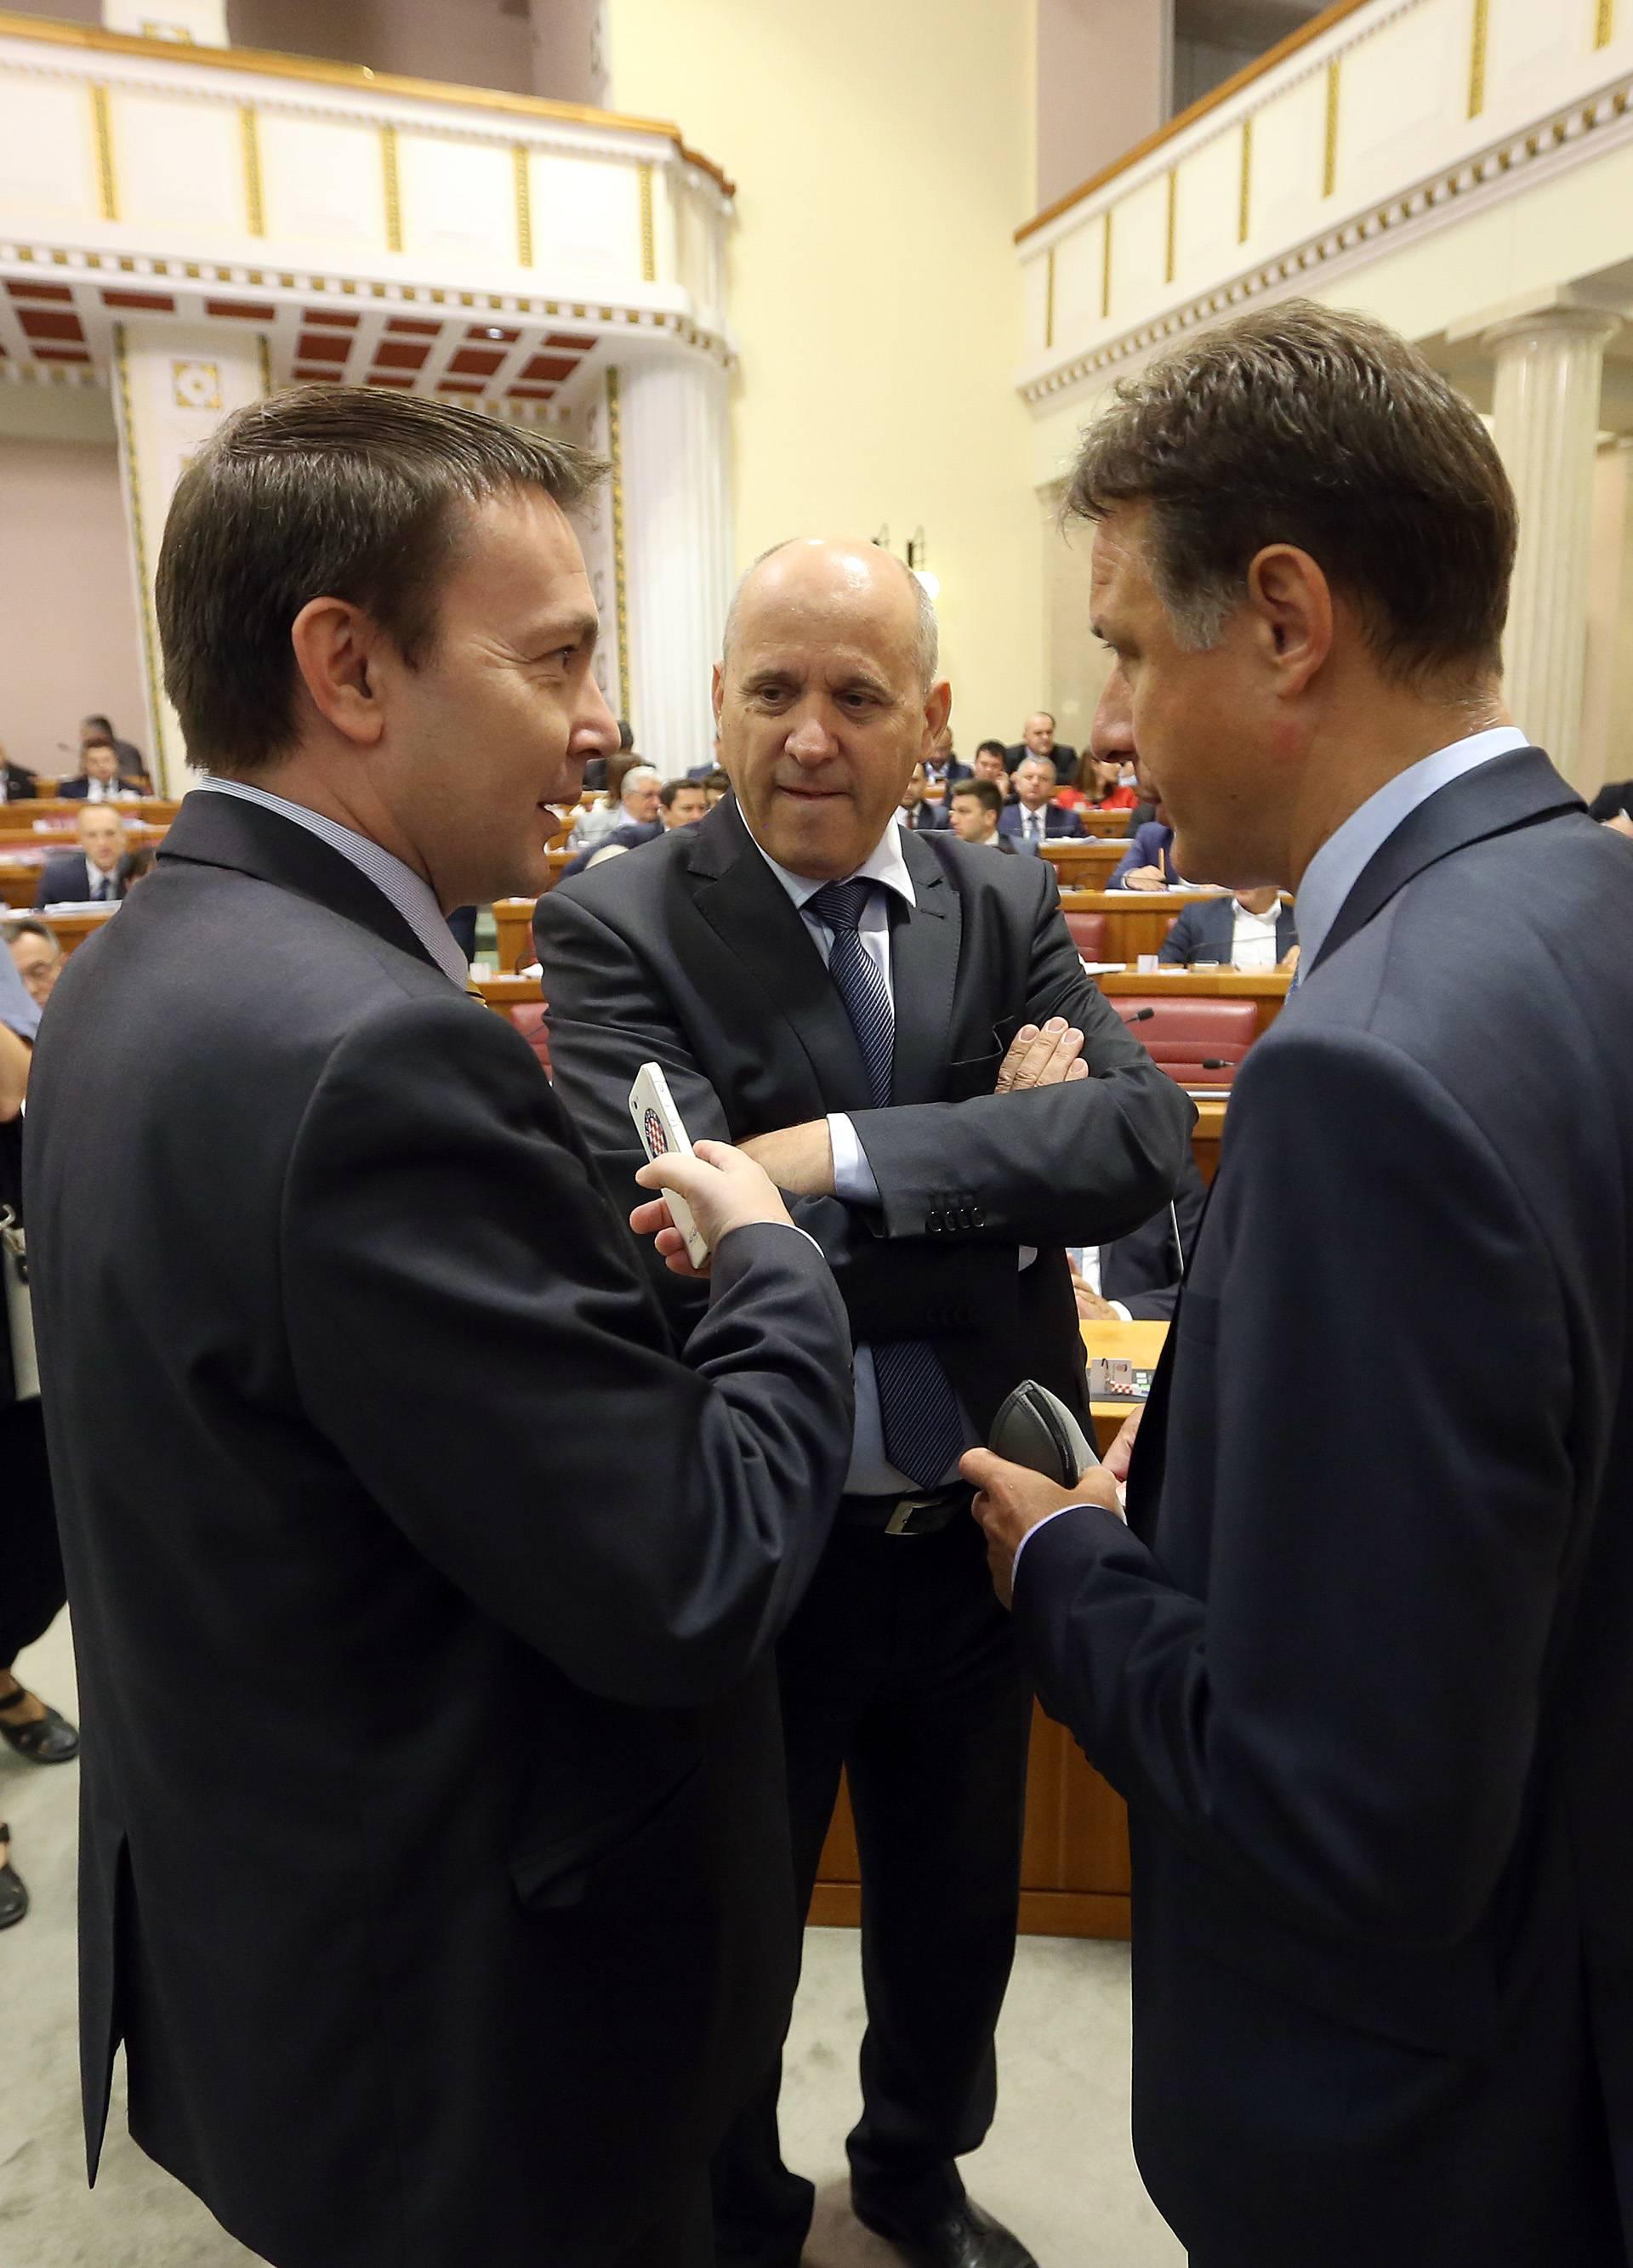 HDZ i SDP se ipak dogovorili oko sudaca i povjerenstva?